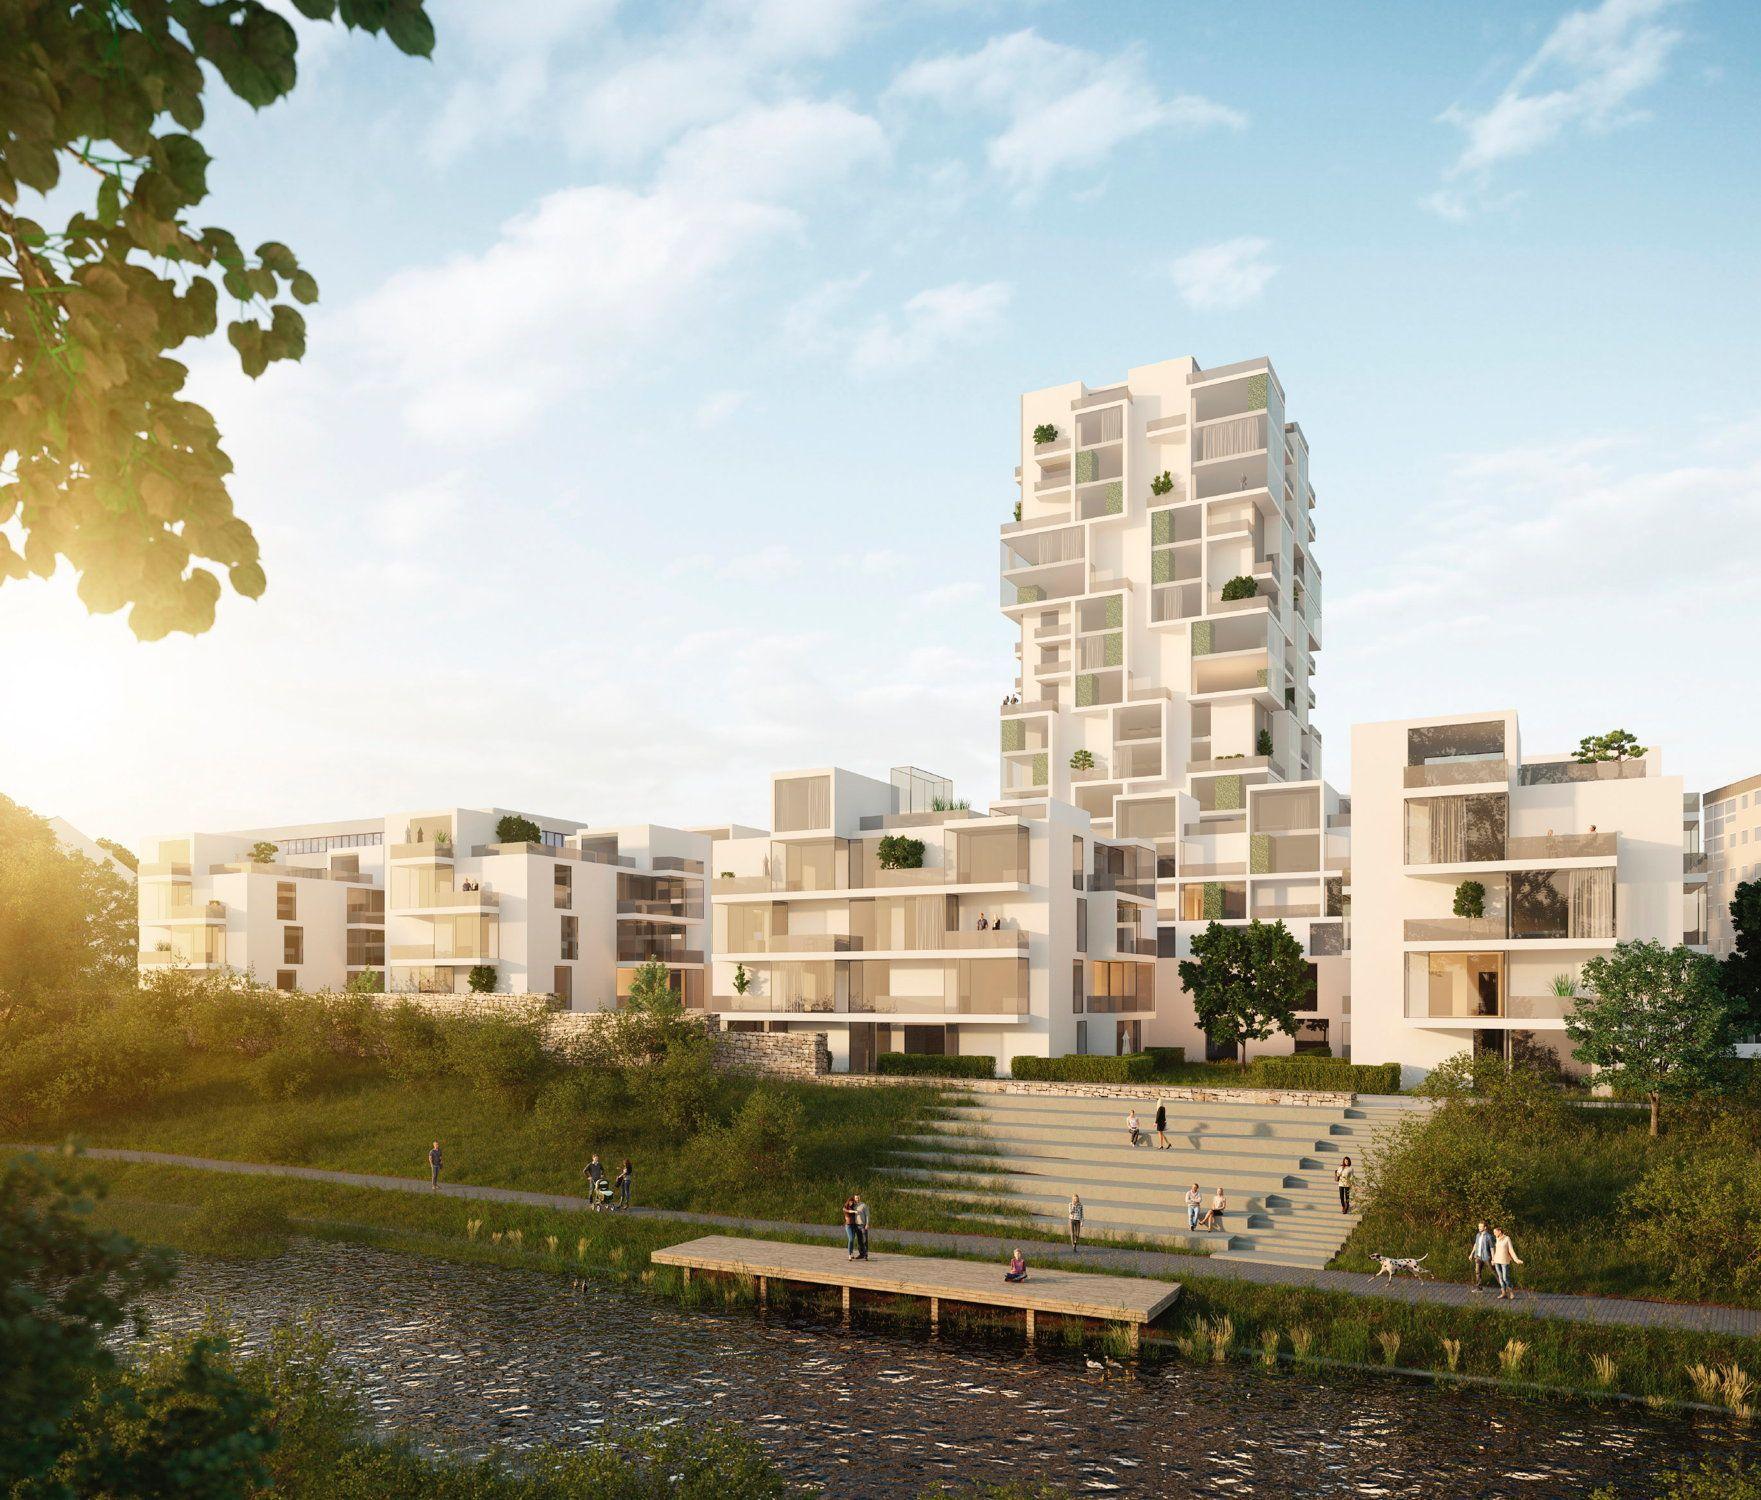 Architektur Erfurt ein bis zwei hochhäuser wettbewerb in erfurt entschieden